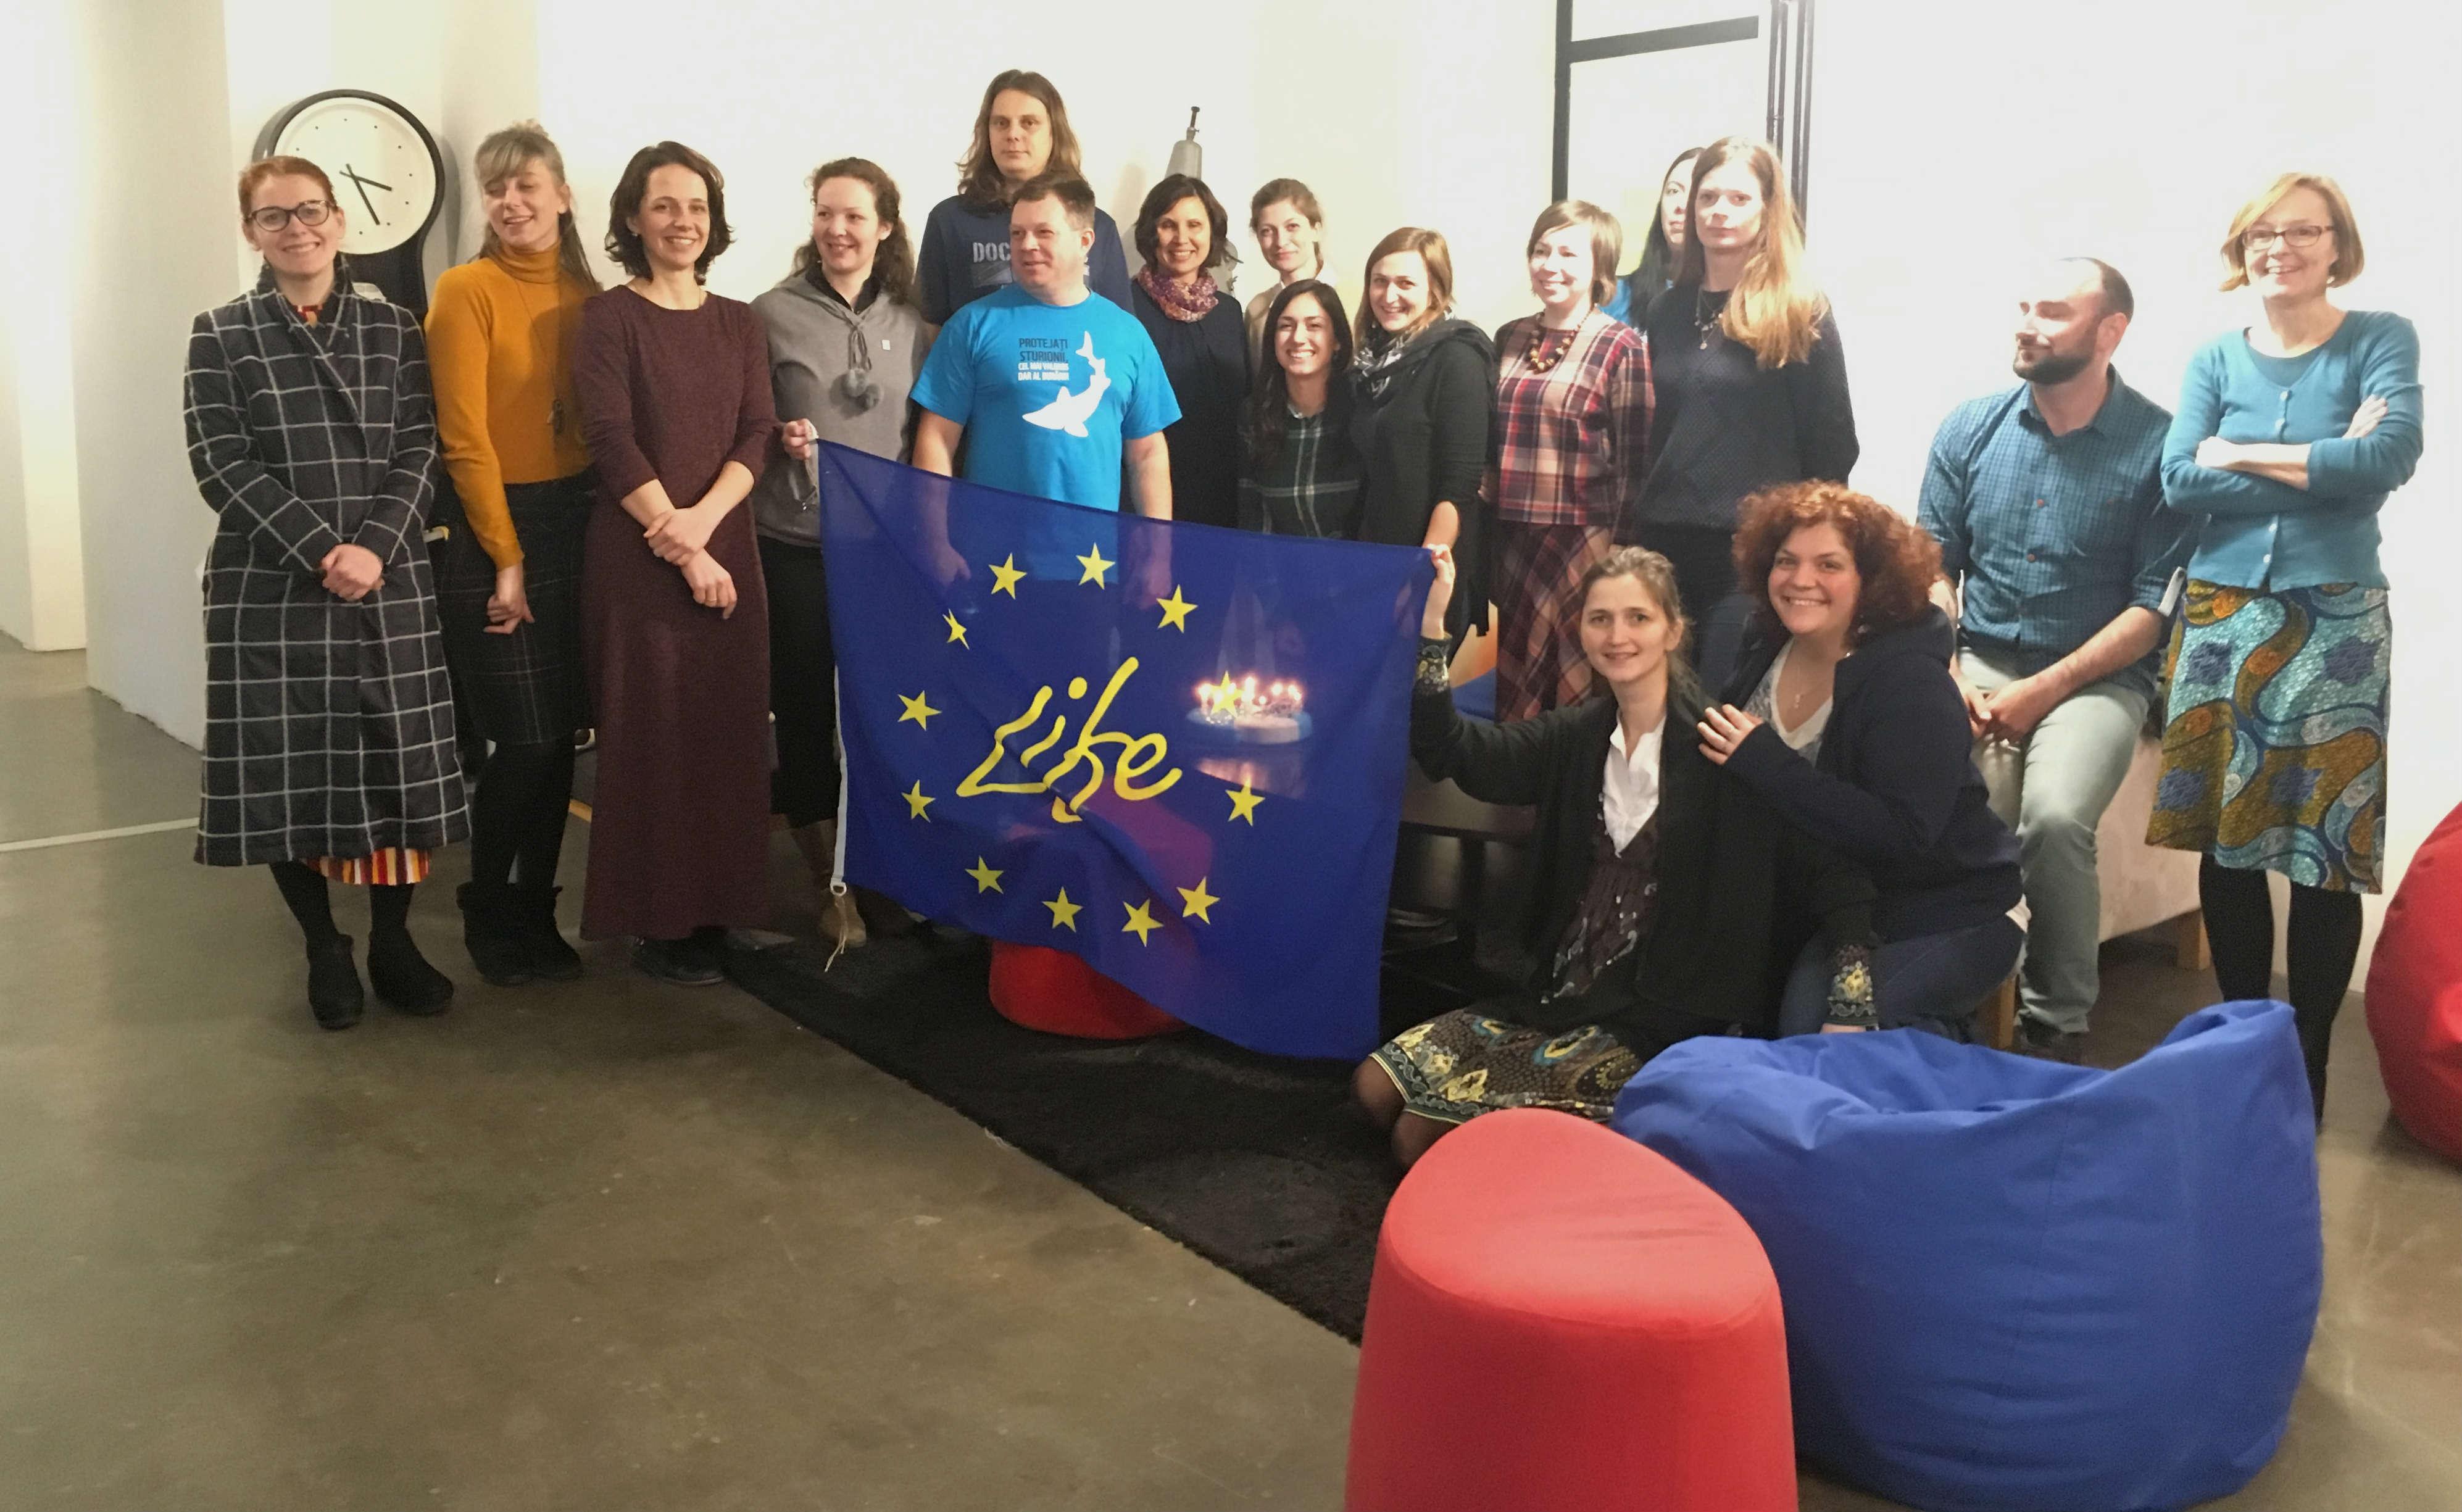 Team picture EU flag - Întâlnirea Regională a echipei de proiect în Belgrad dovedește că proiectul LIFE for Danube Sturgeons este pe drumul cel bun